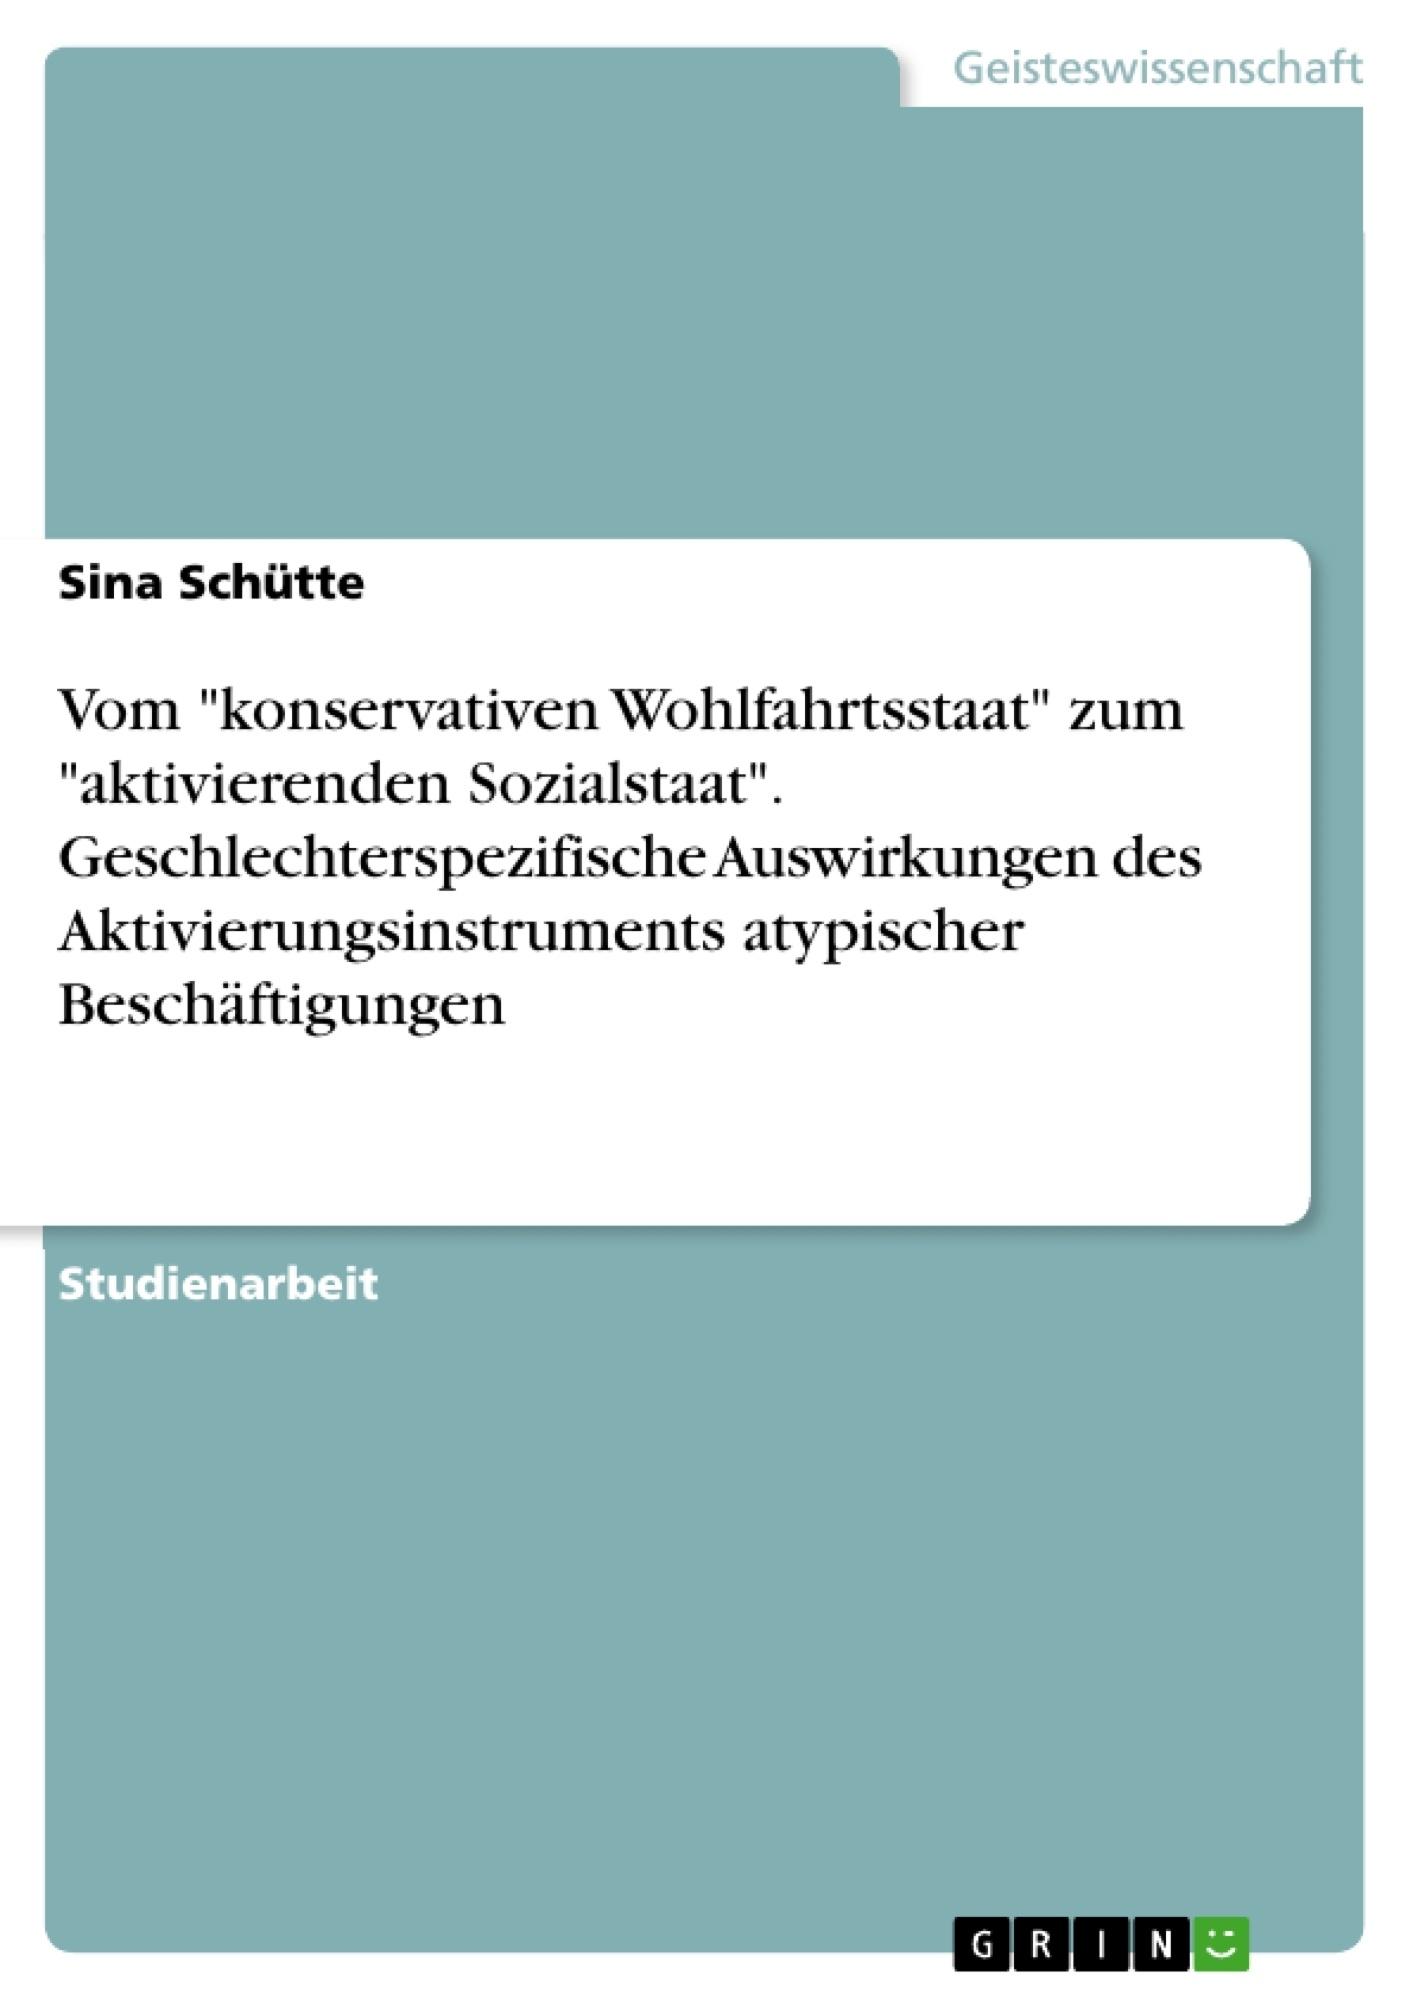 """Titel: Vom """"konservativen Wohlfahrtsstaat"""" zum """"aktivierenden Sozialstaat"""". Geschlechterspezifische Auswirkungen des Aktivierungsinstruments atypischer Beschäftigungen"""